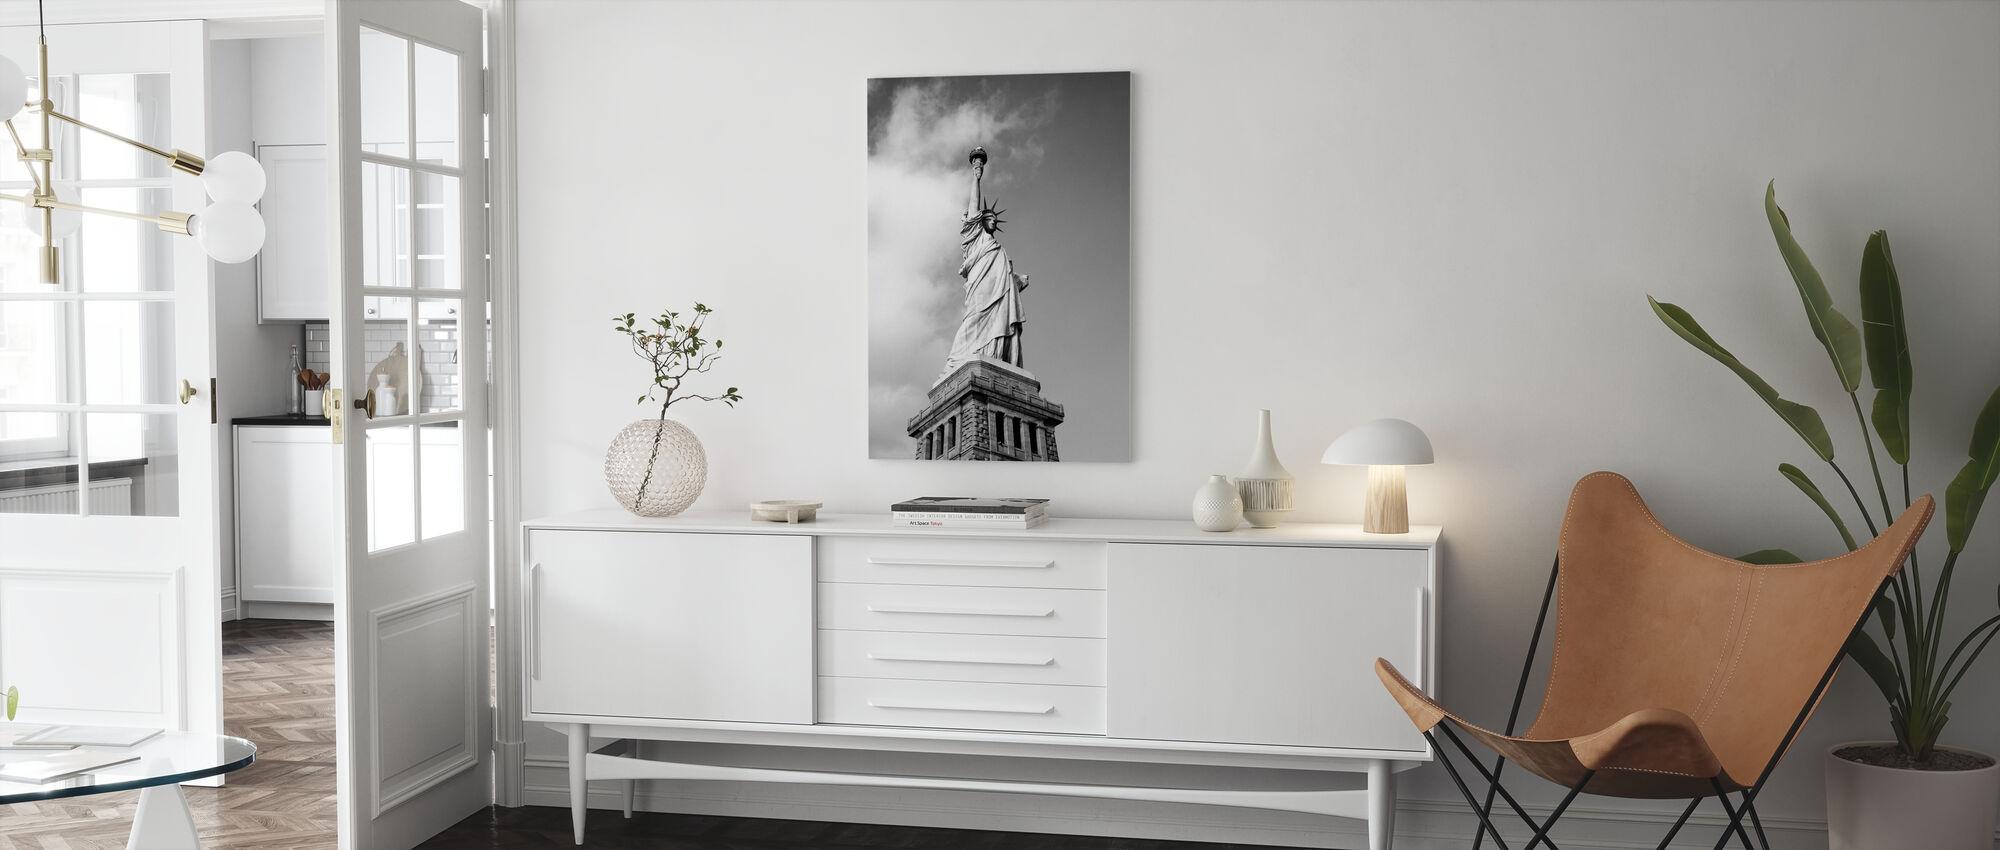 Vintage Vrijheidsbeeld - Canvas print - Woonkamer